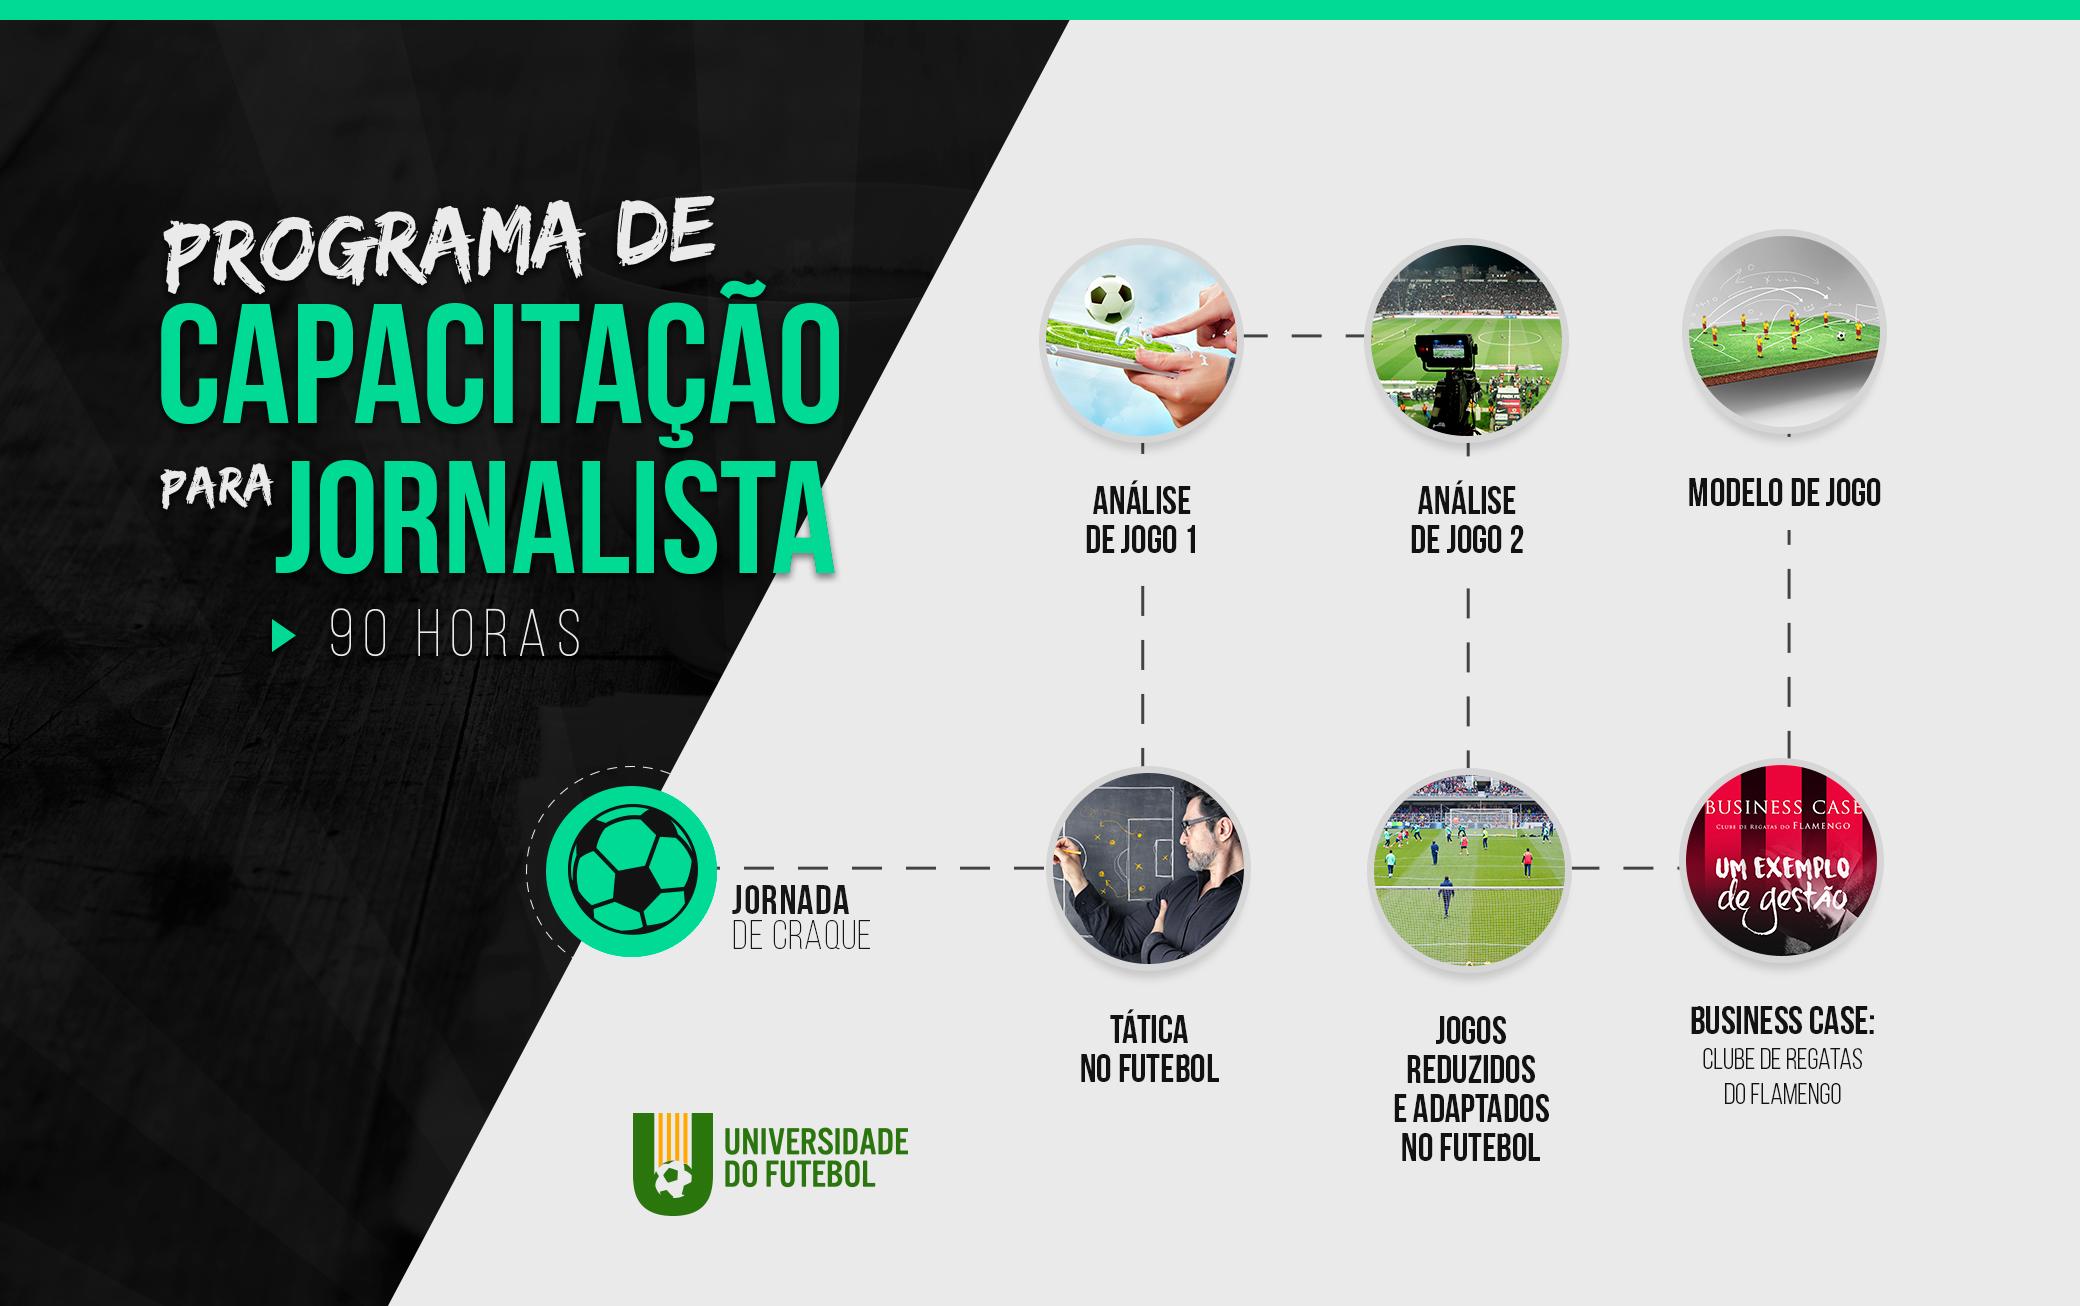 Curriculo-de-capacitação_Jornalista-90h